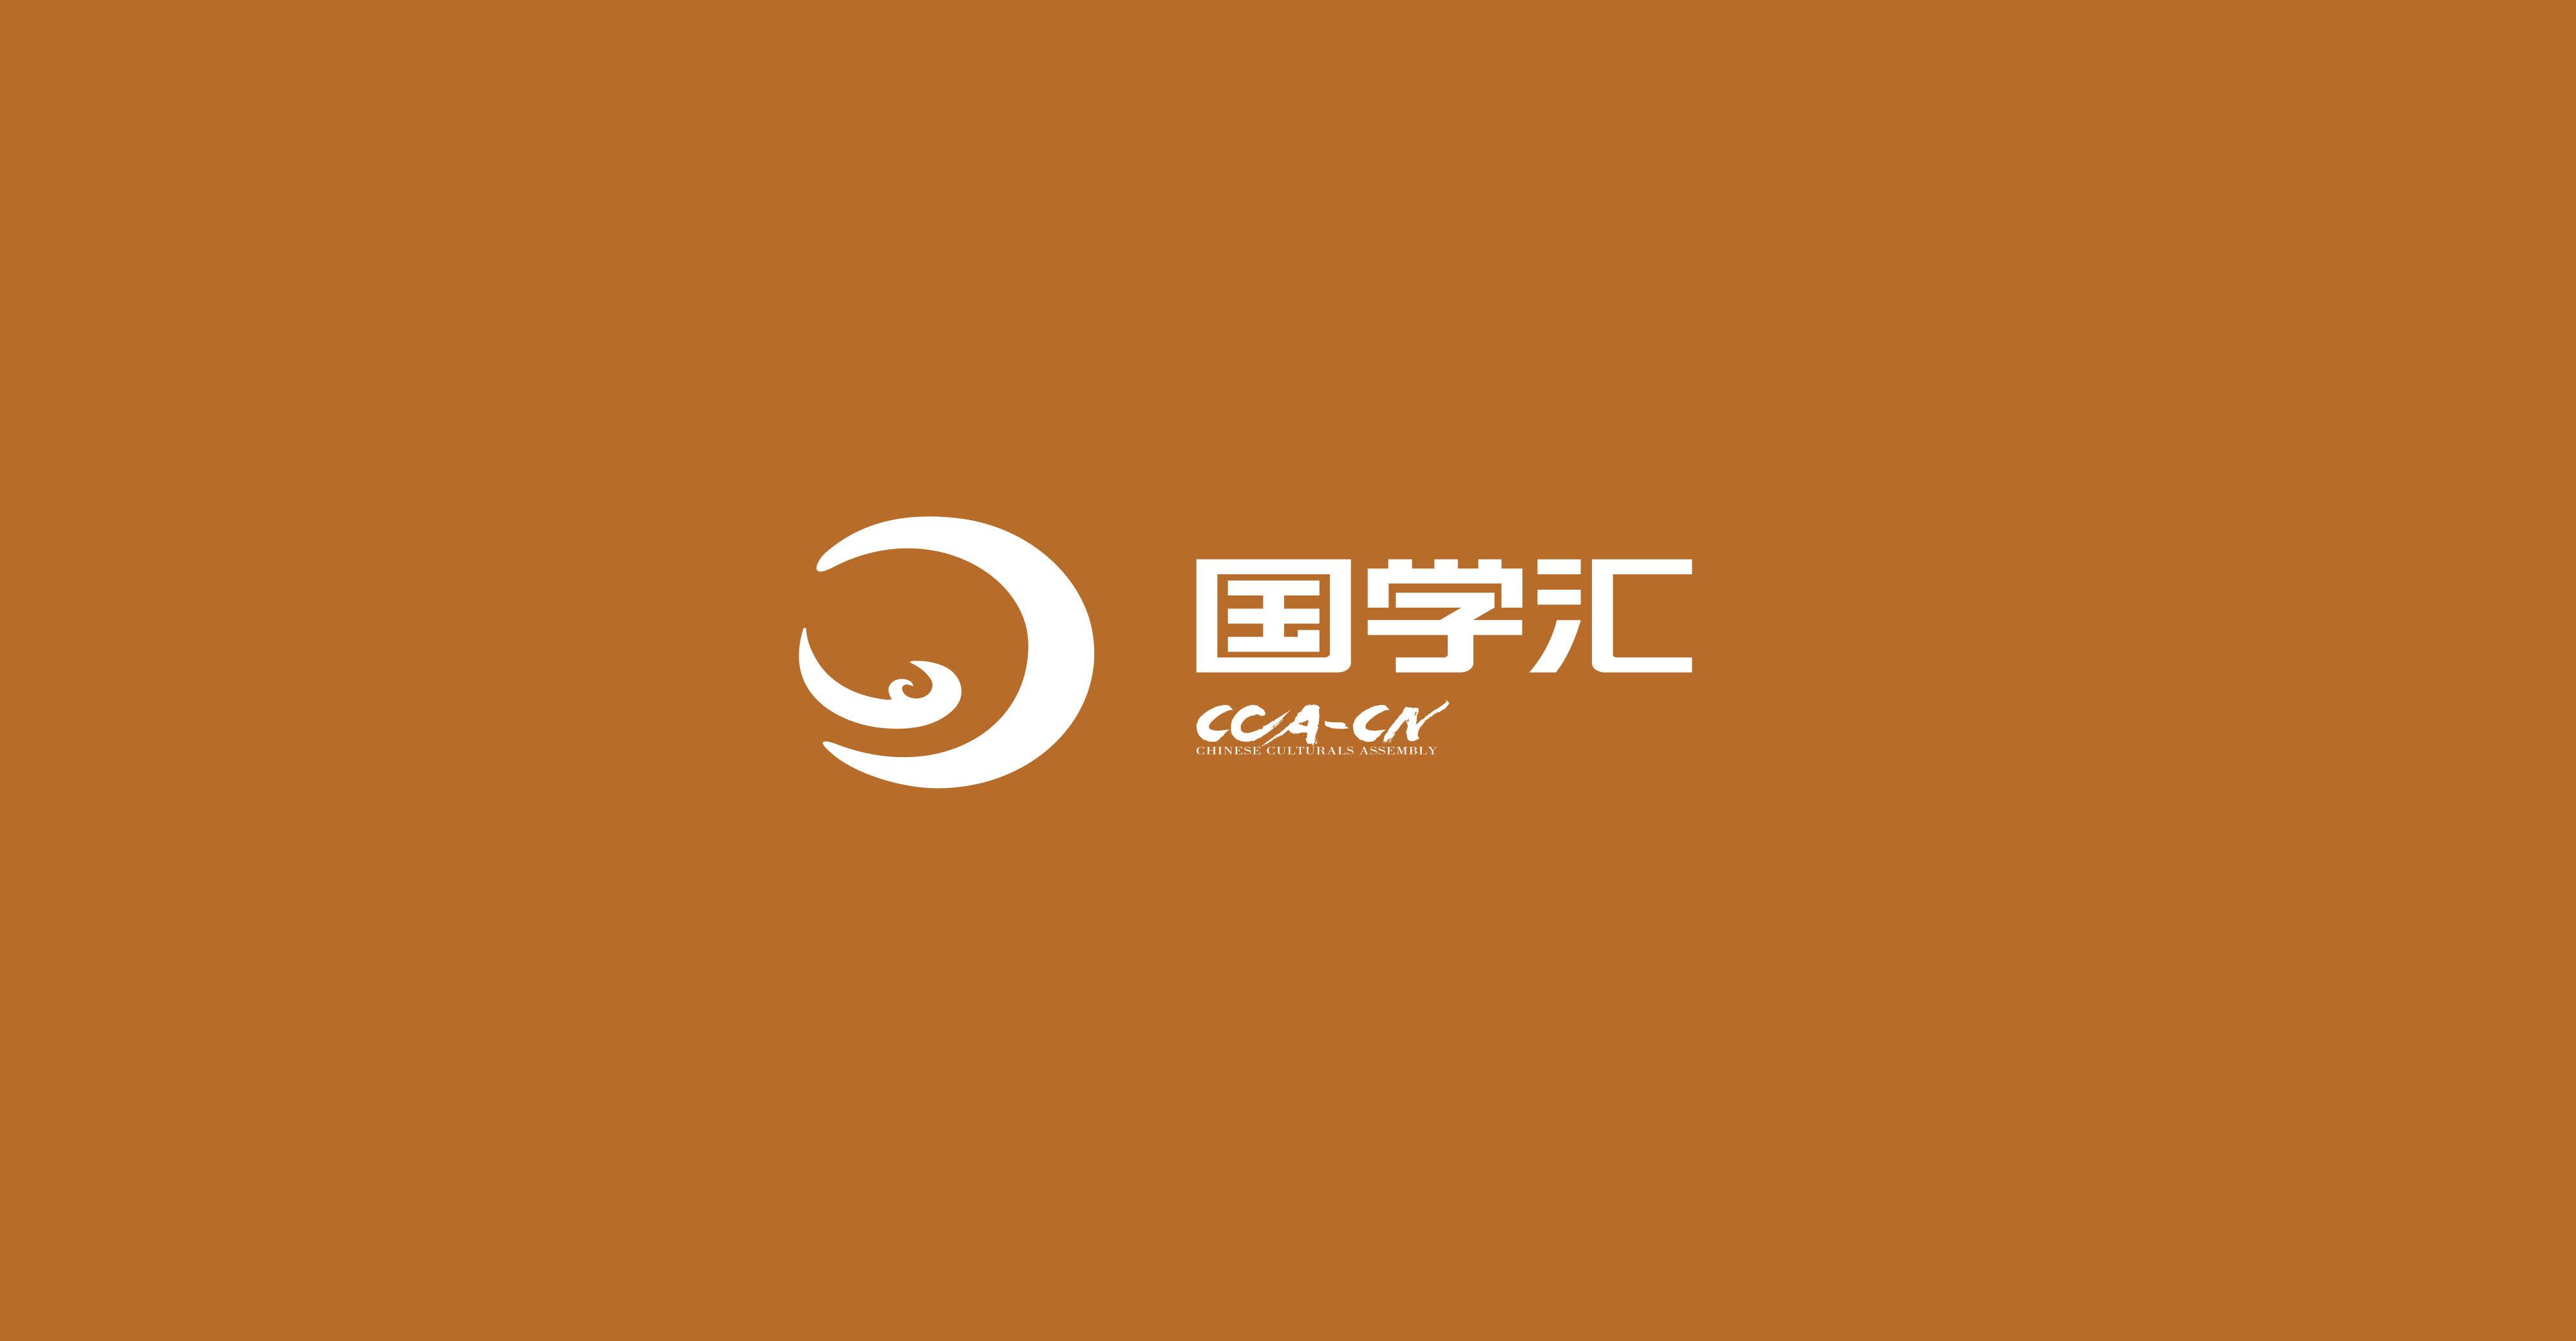 国学汇(北京)文化传媒有限公司2